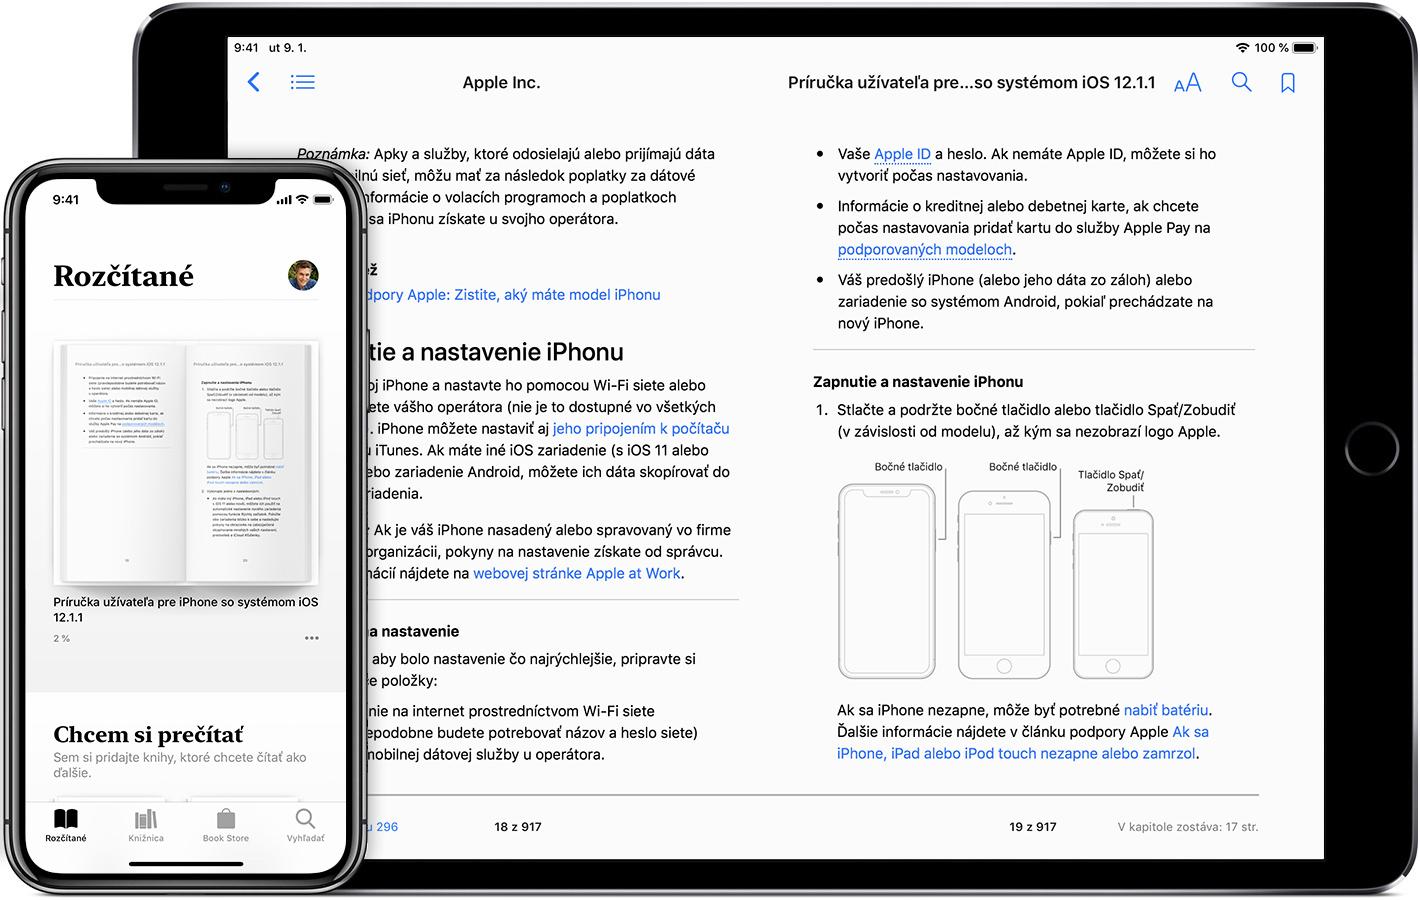 Čítanie kníh a ďalšie možnosti v aplikácii Knihy v iPhone 0ecdd114ad3